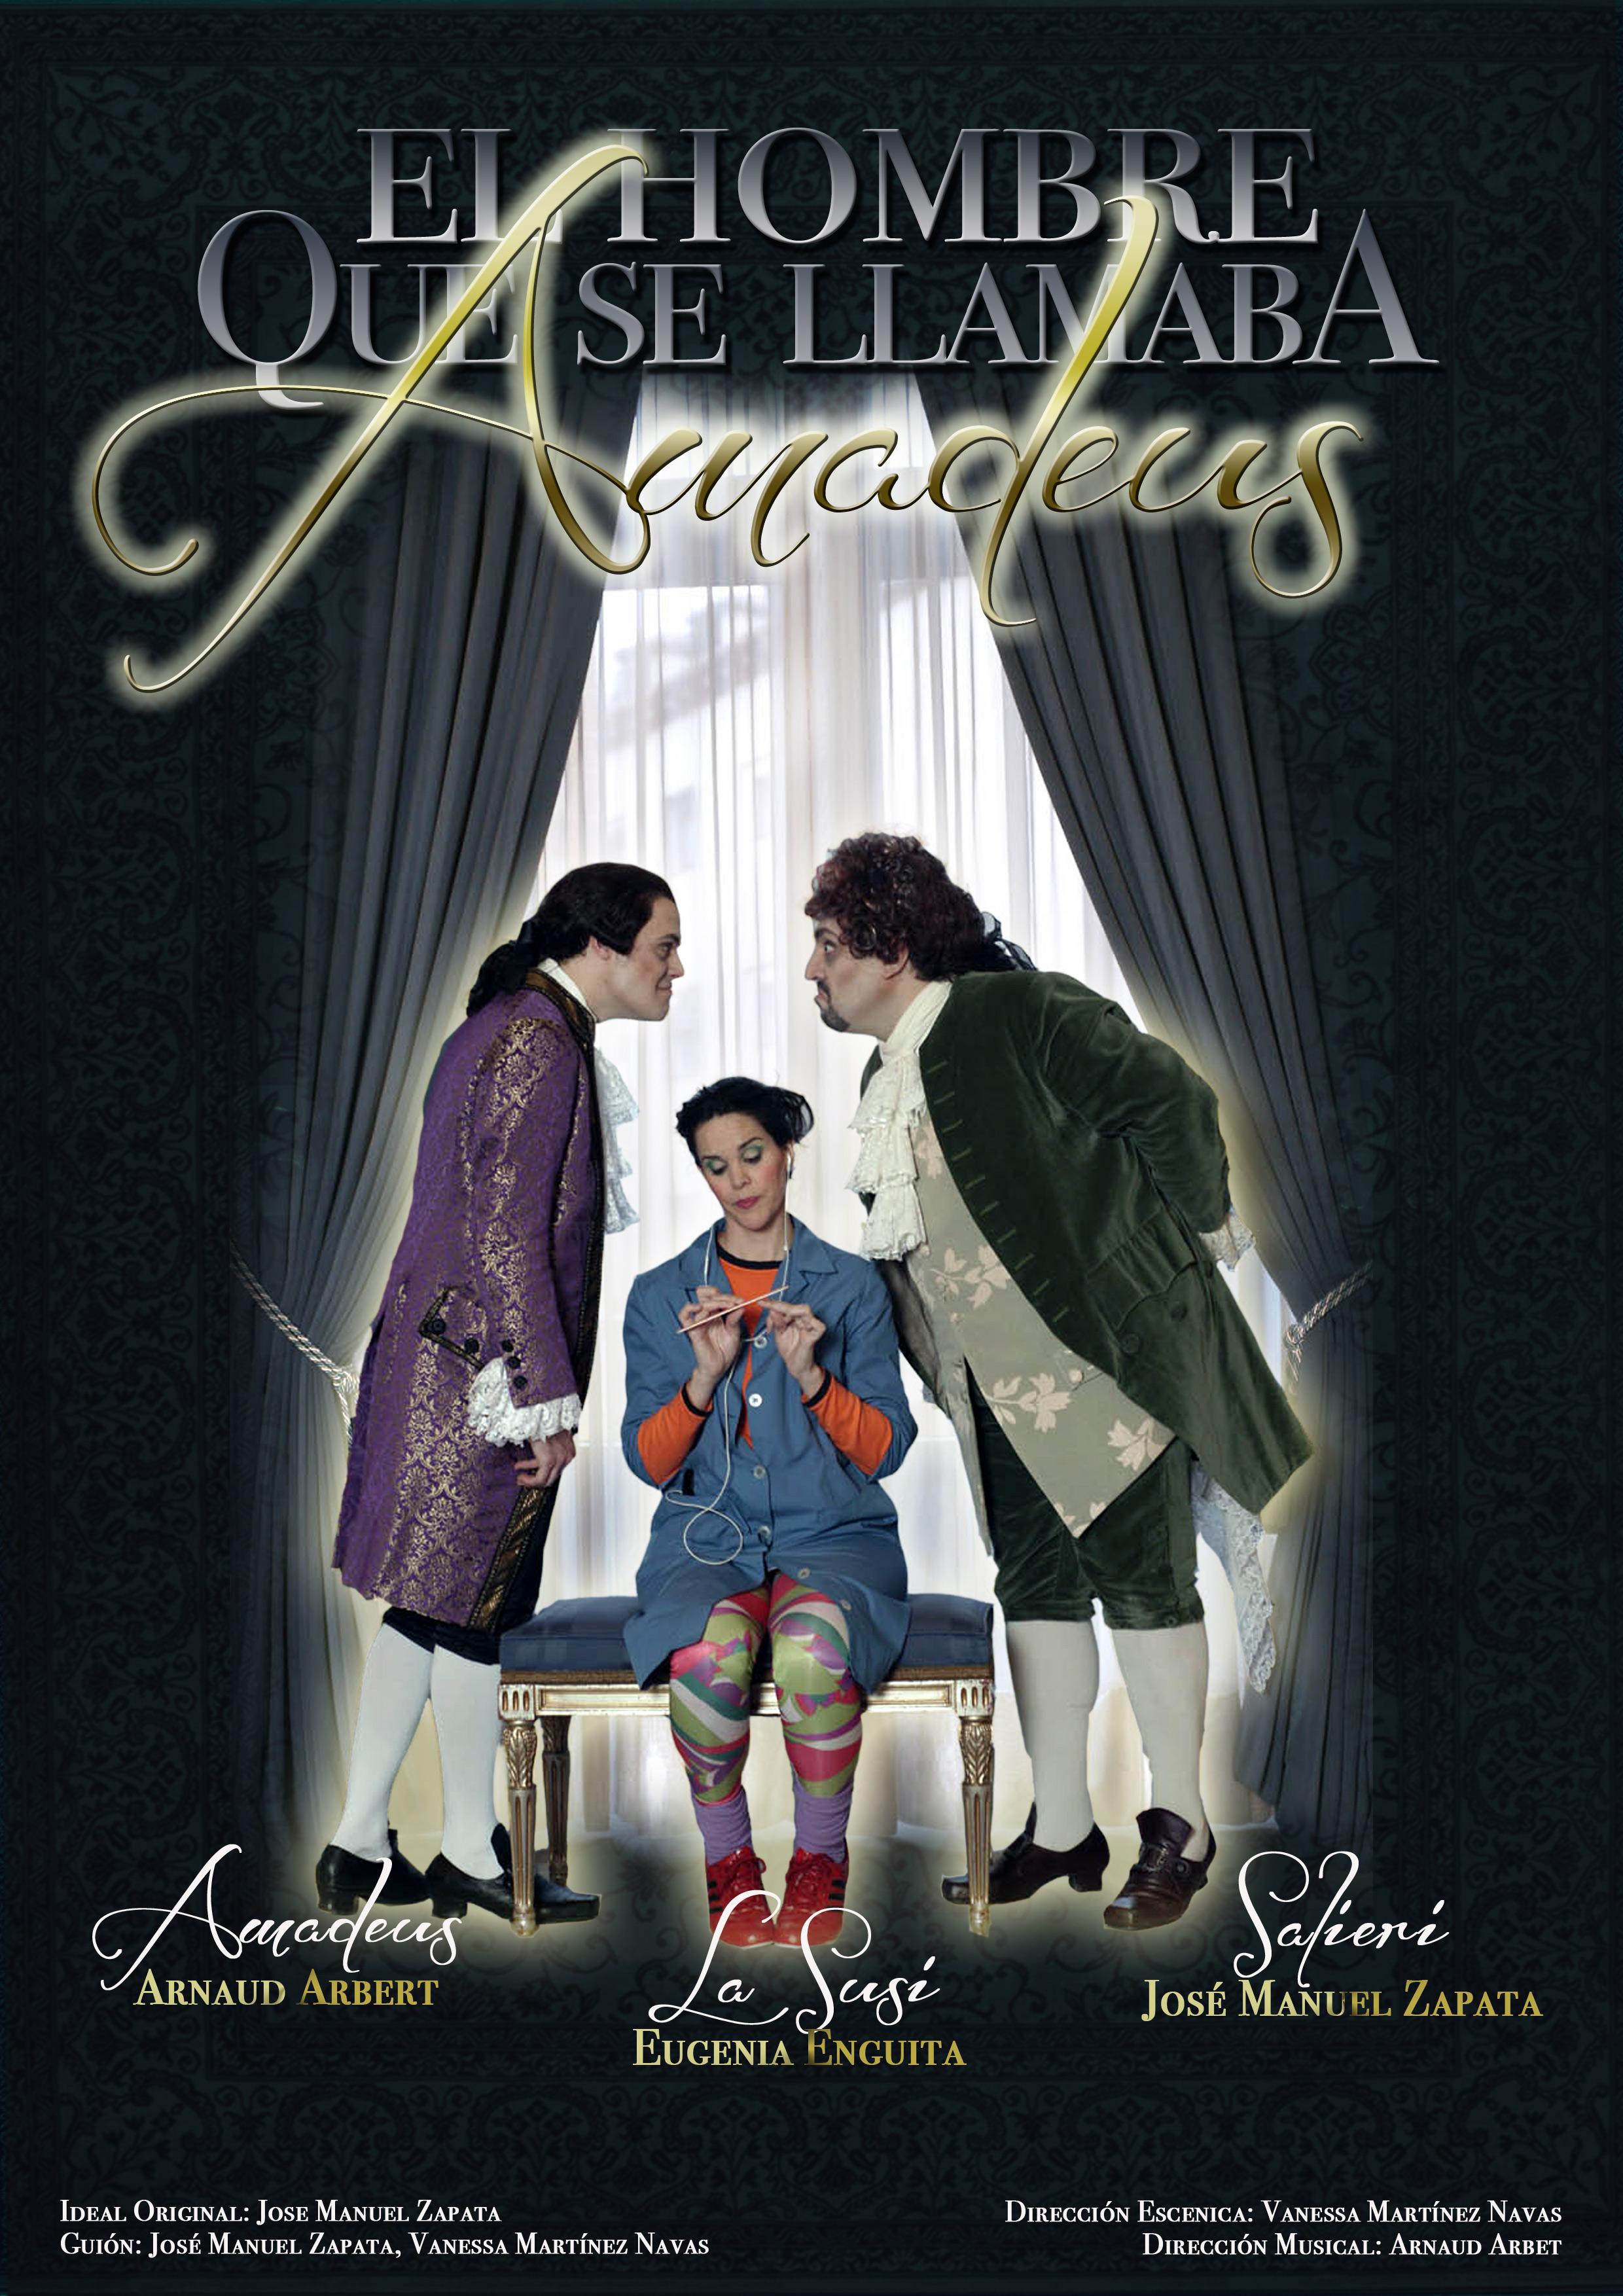 Poster-zapata_582f63e1ab97b719caafa9c07e28af4a.jpg